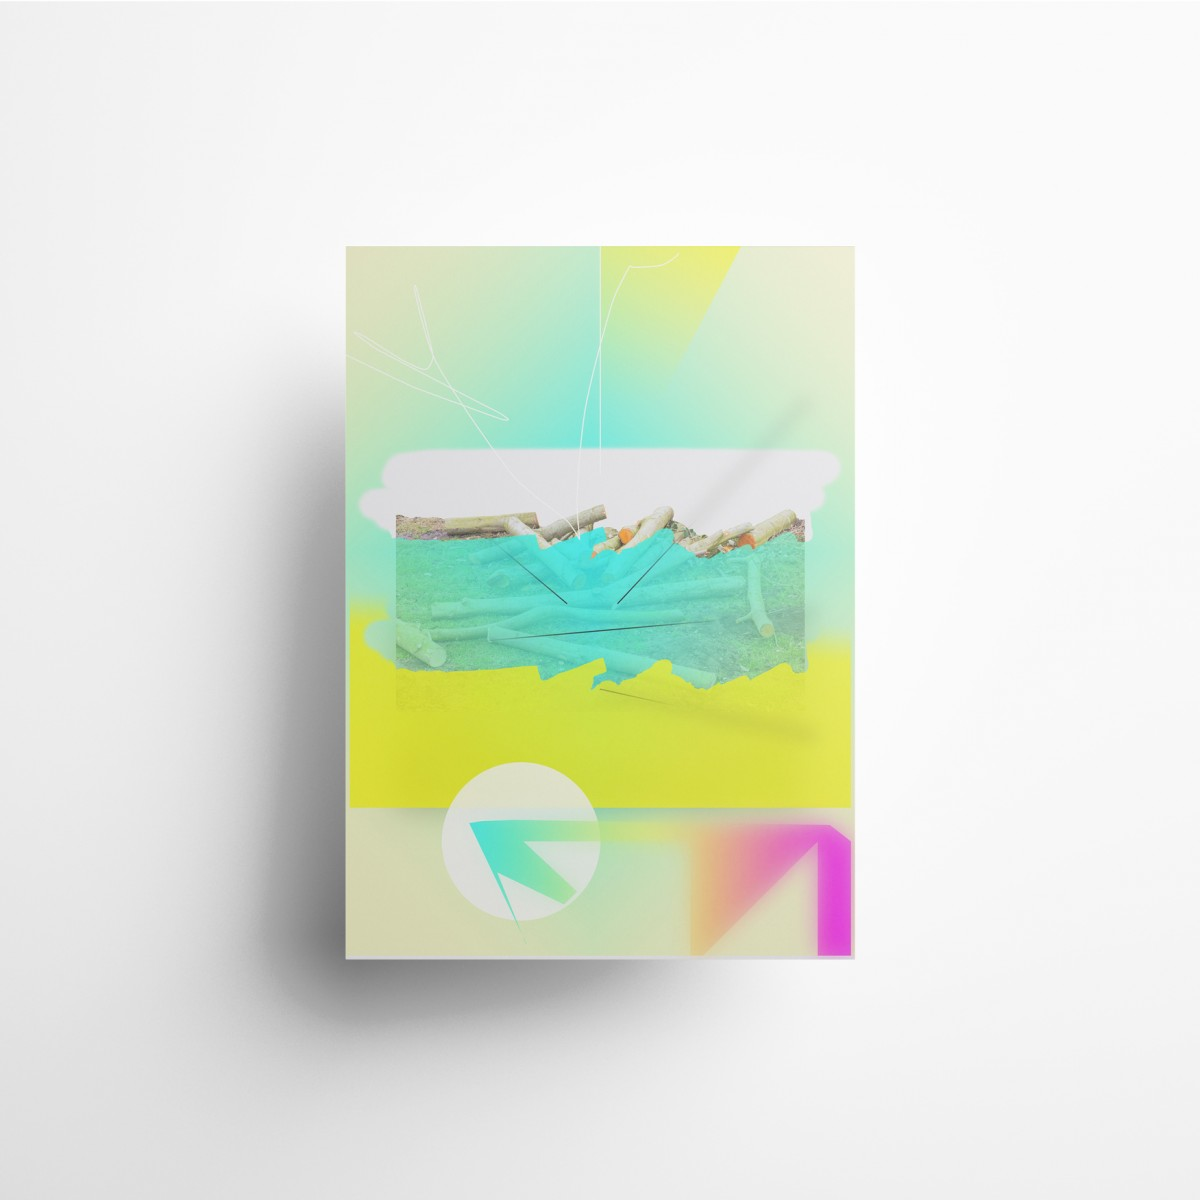 künstlerherz' KI 09 - Kunstdruck DIN A0